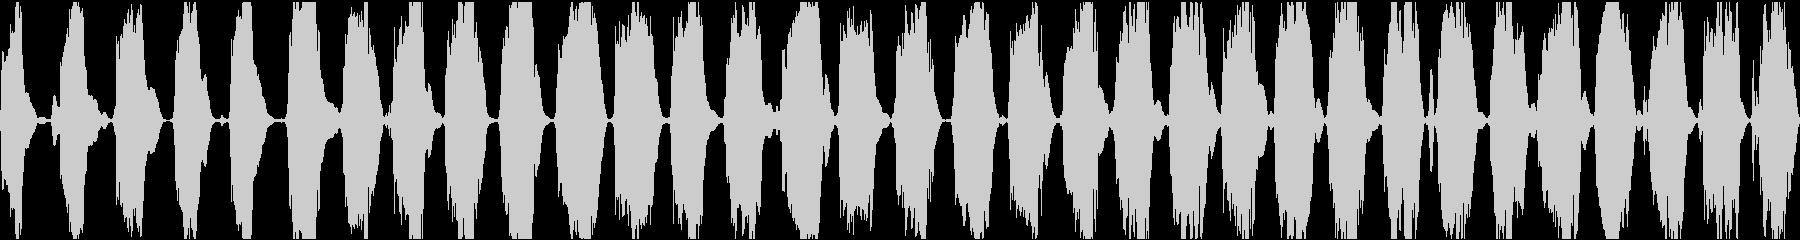 低ロボット歪みのバズトーンスペース...の未再生の波形